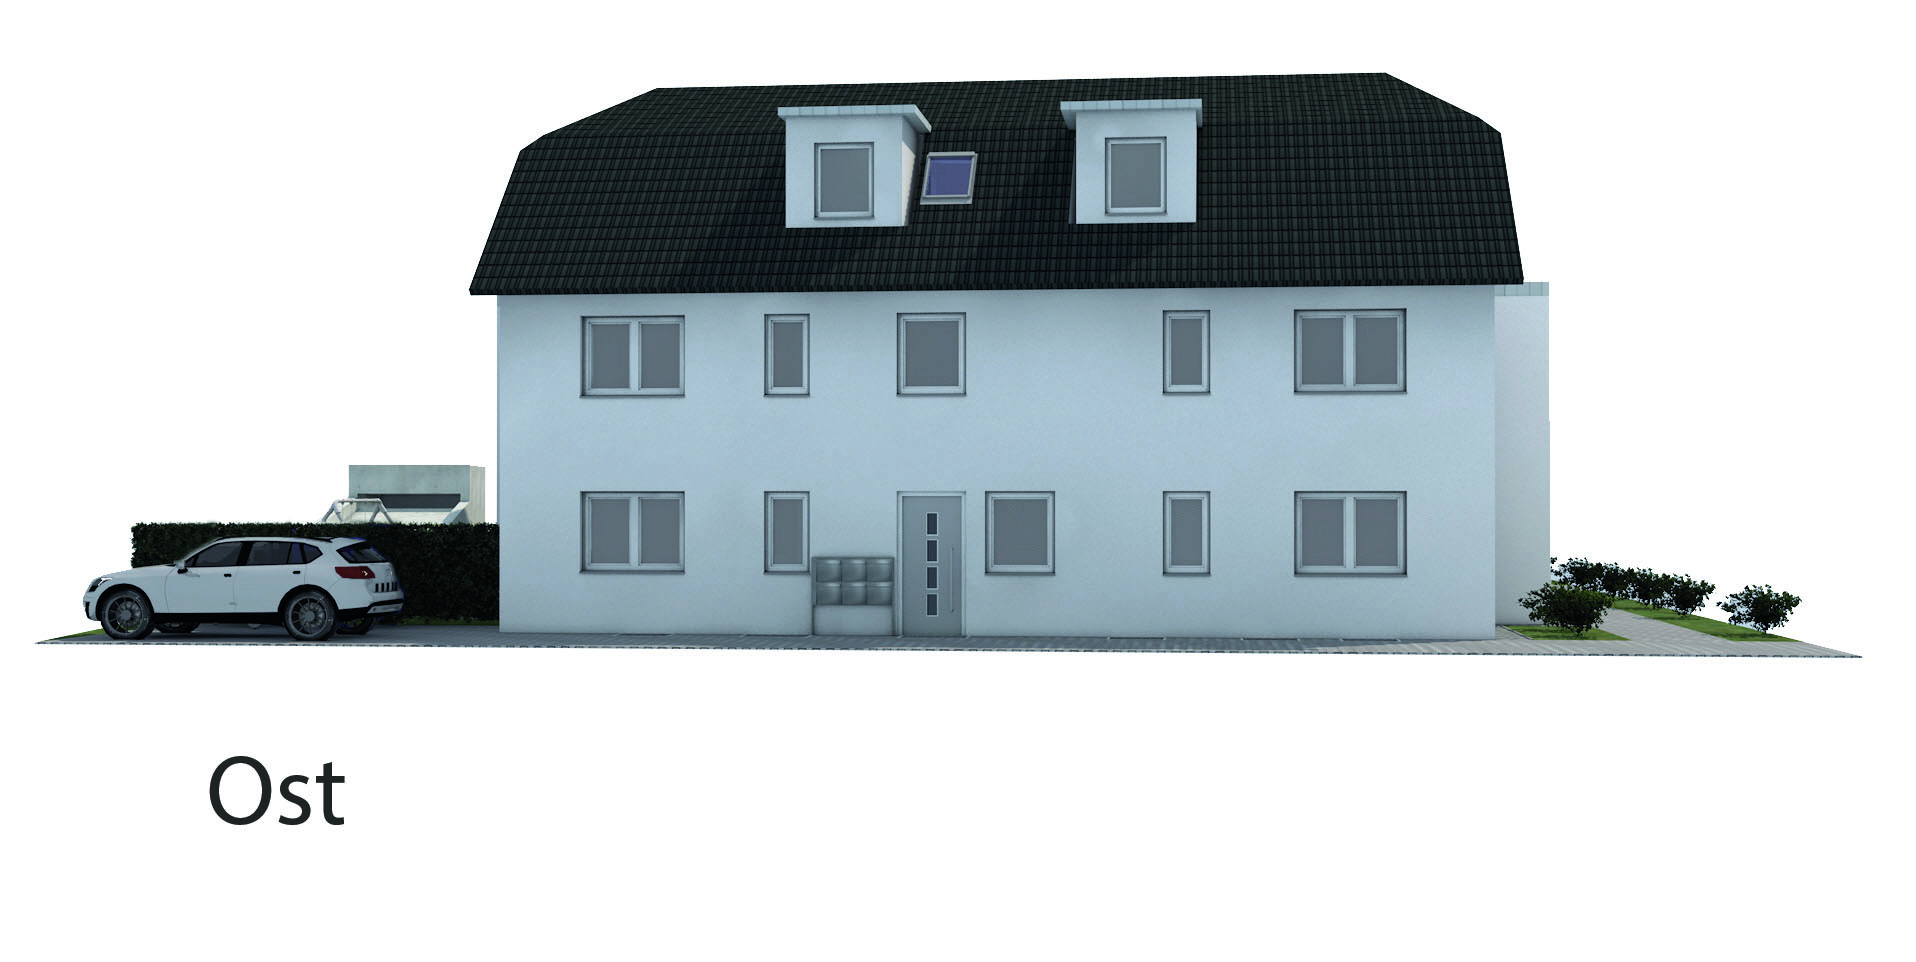 Ost_Haus1-und-Haus2